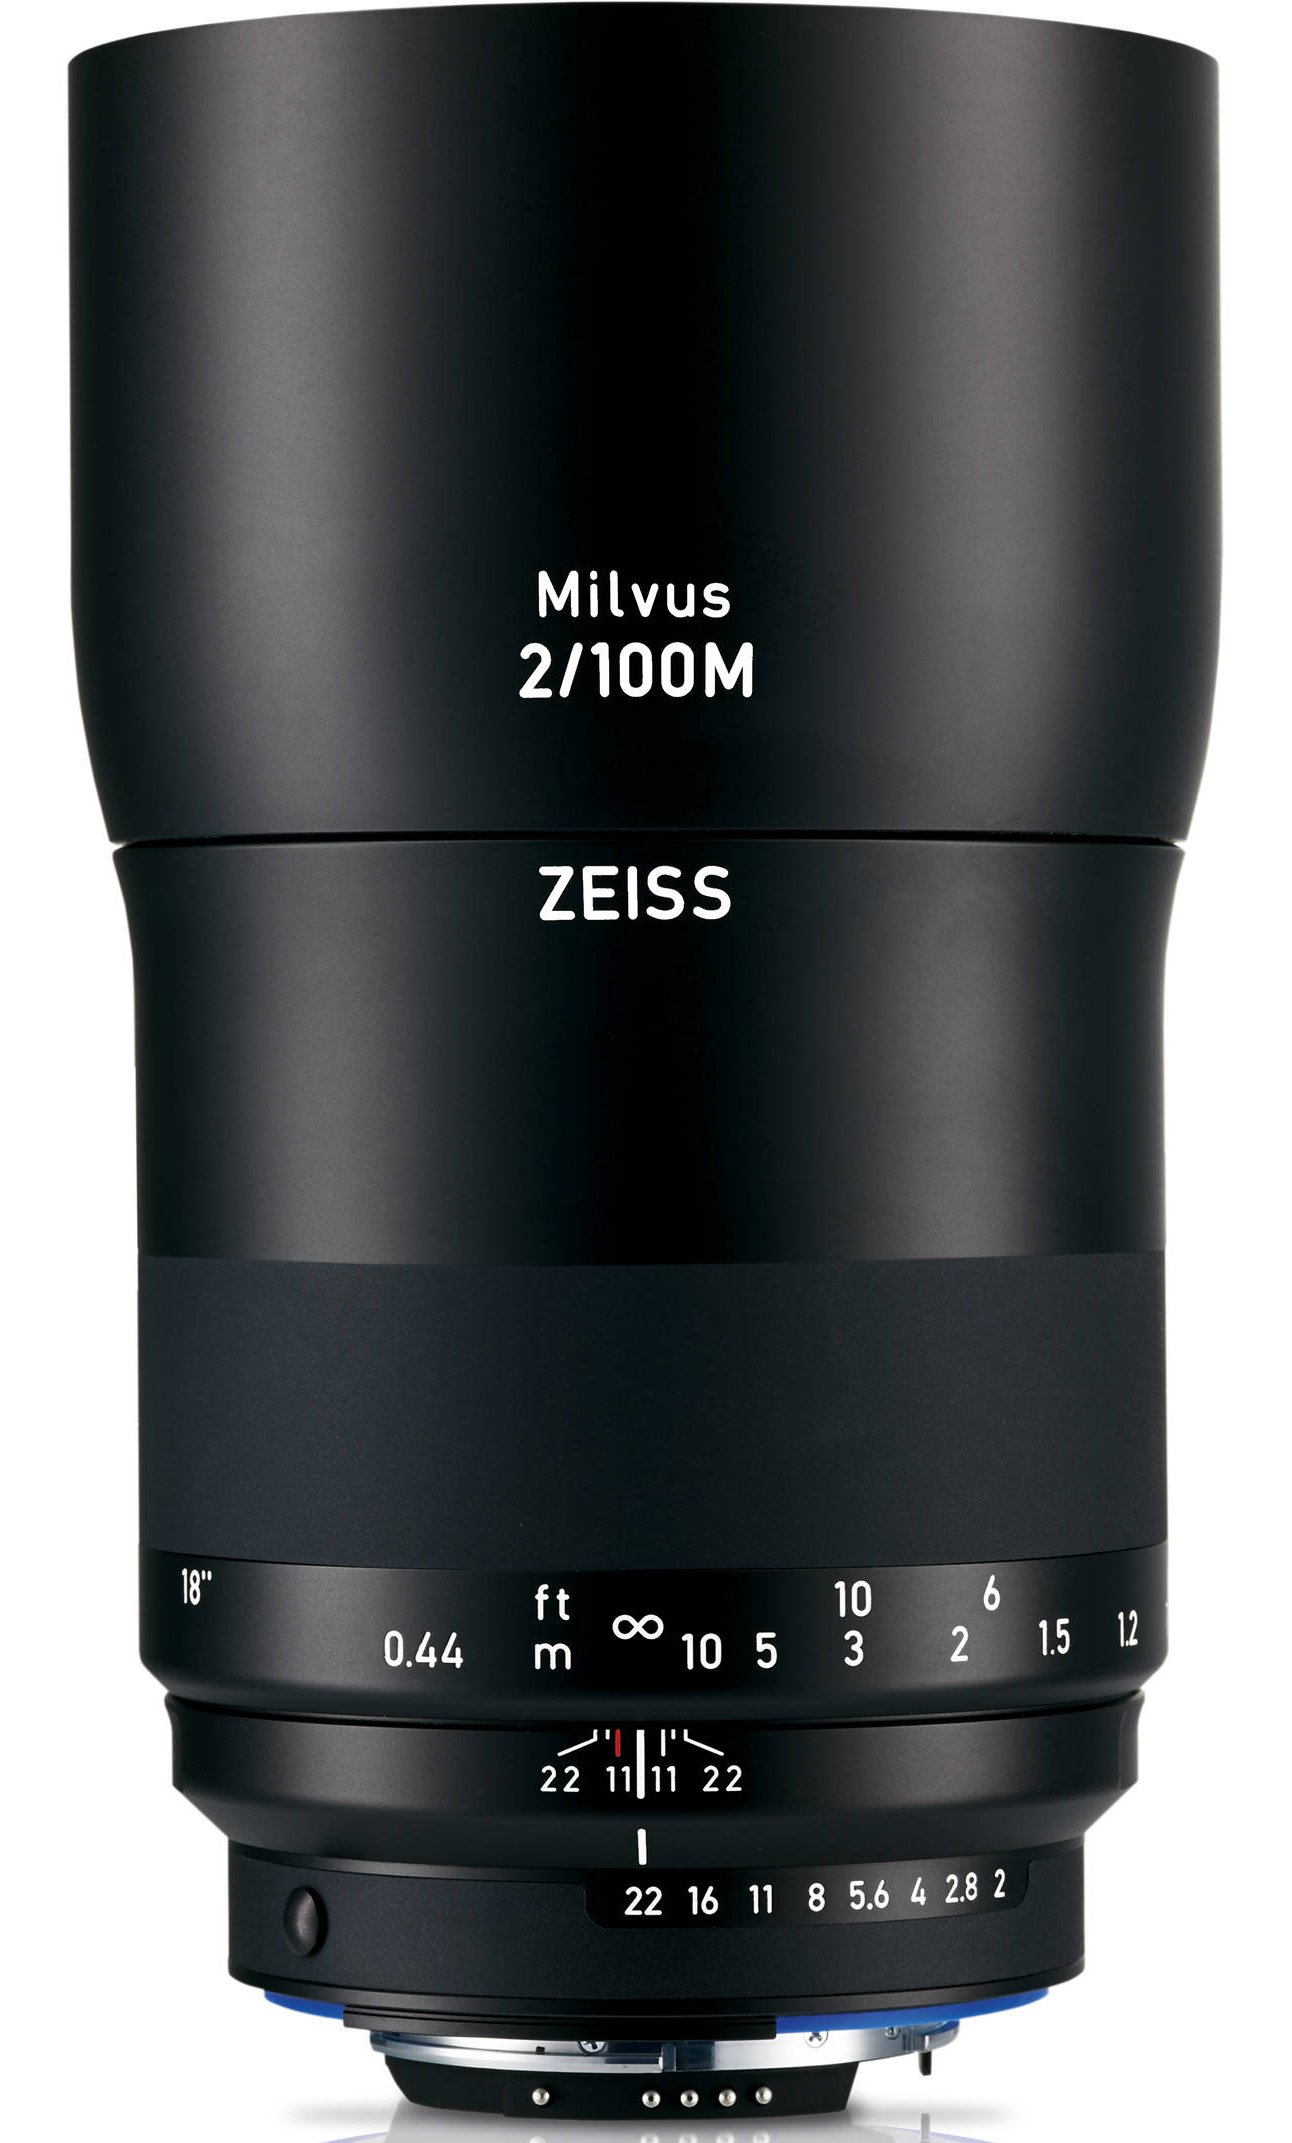 ZEISS Milvus 100 mm f/2 Makro-Planar T* ZF.2 pro Nikon